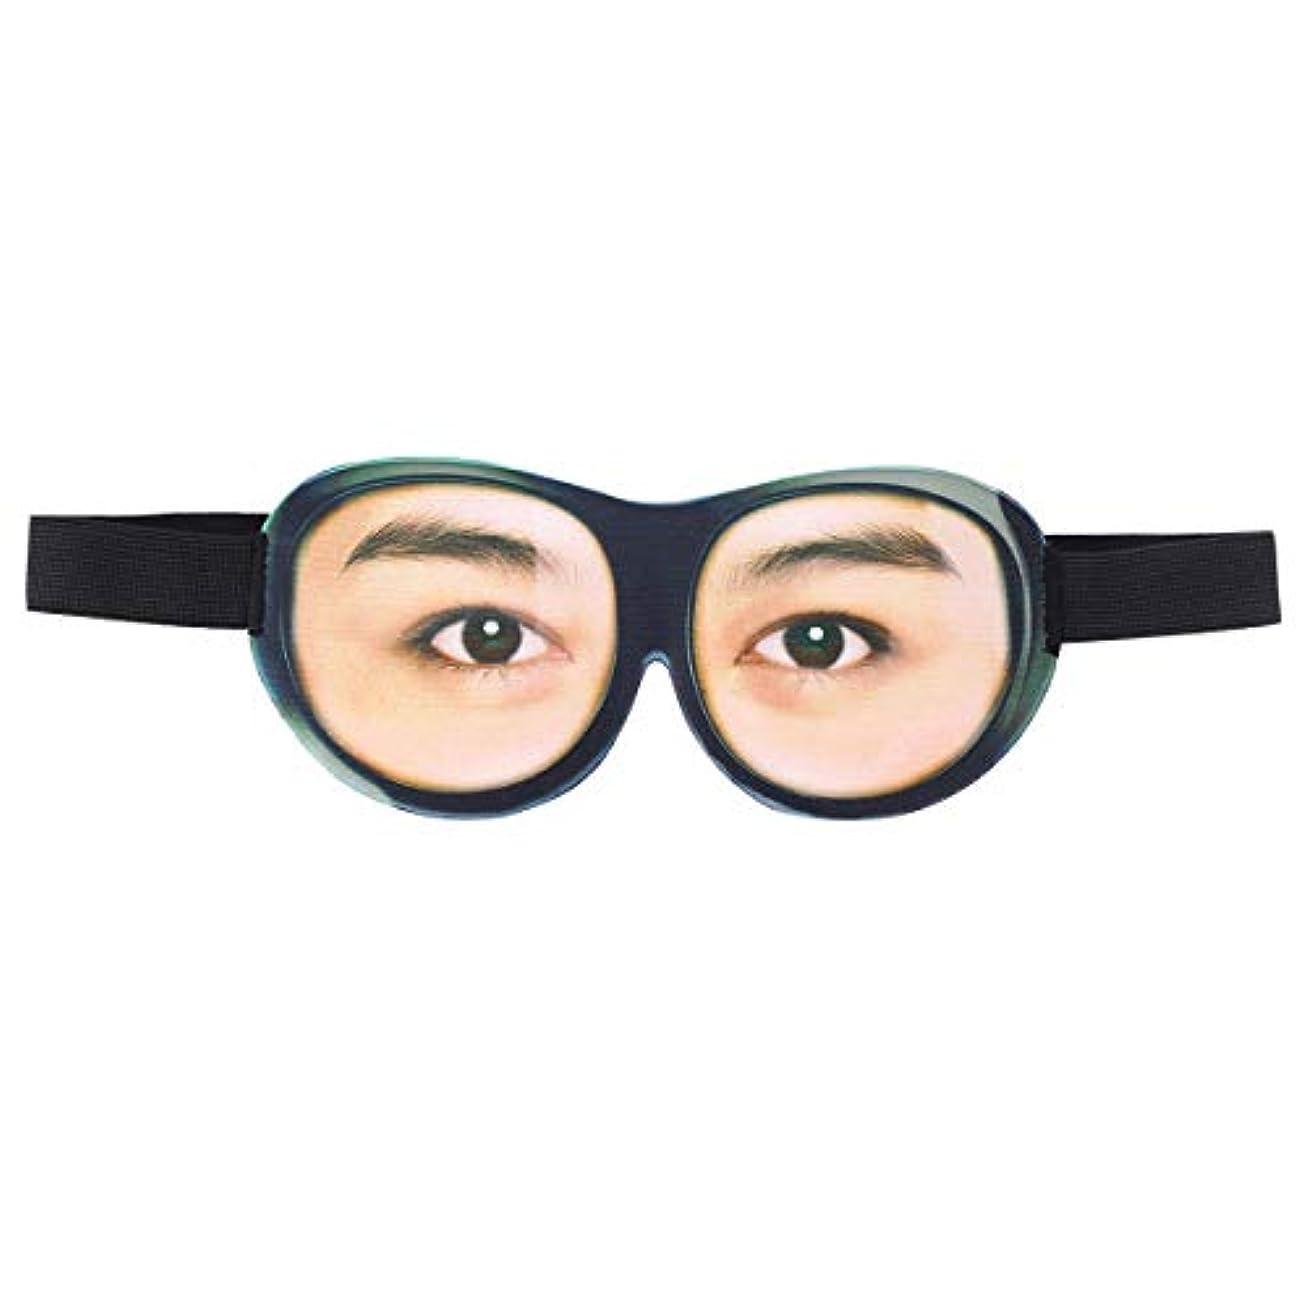 経験適応的あごHealifty 睡眠目隠し3D面白いアイシェード通気性睡眠マスク旅行睡眠ヘルパーアイシェード用男性と女性